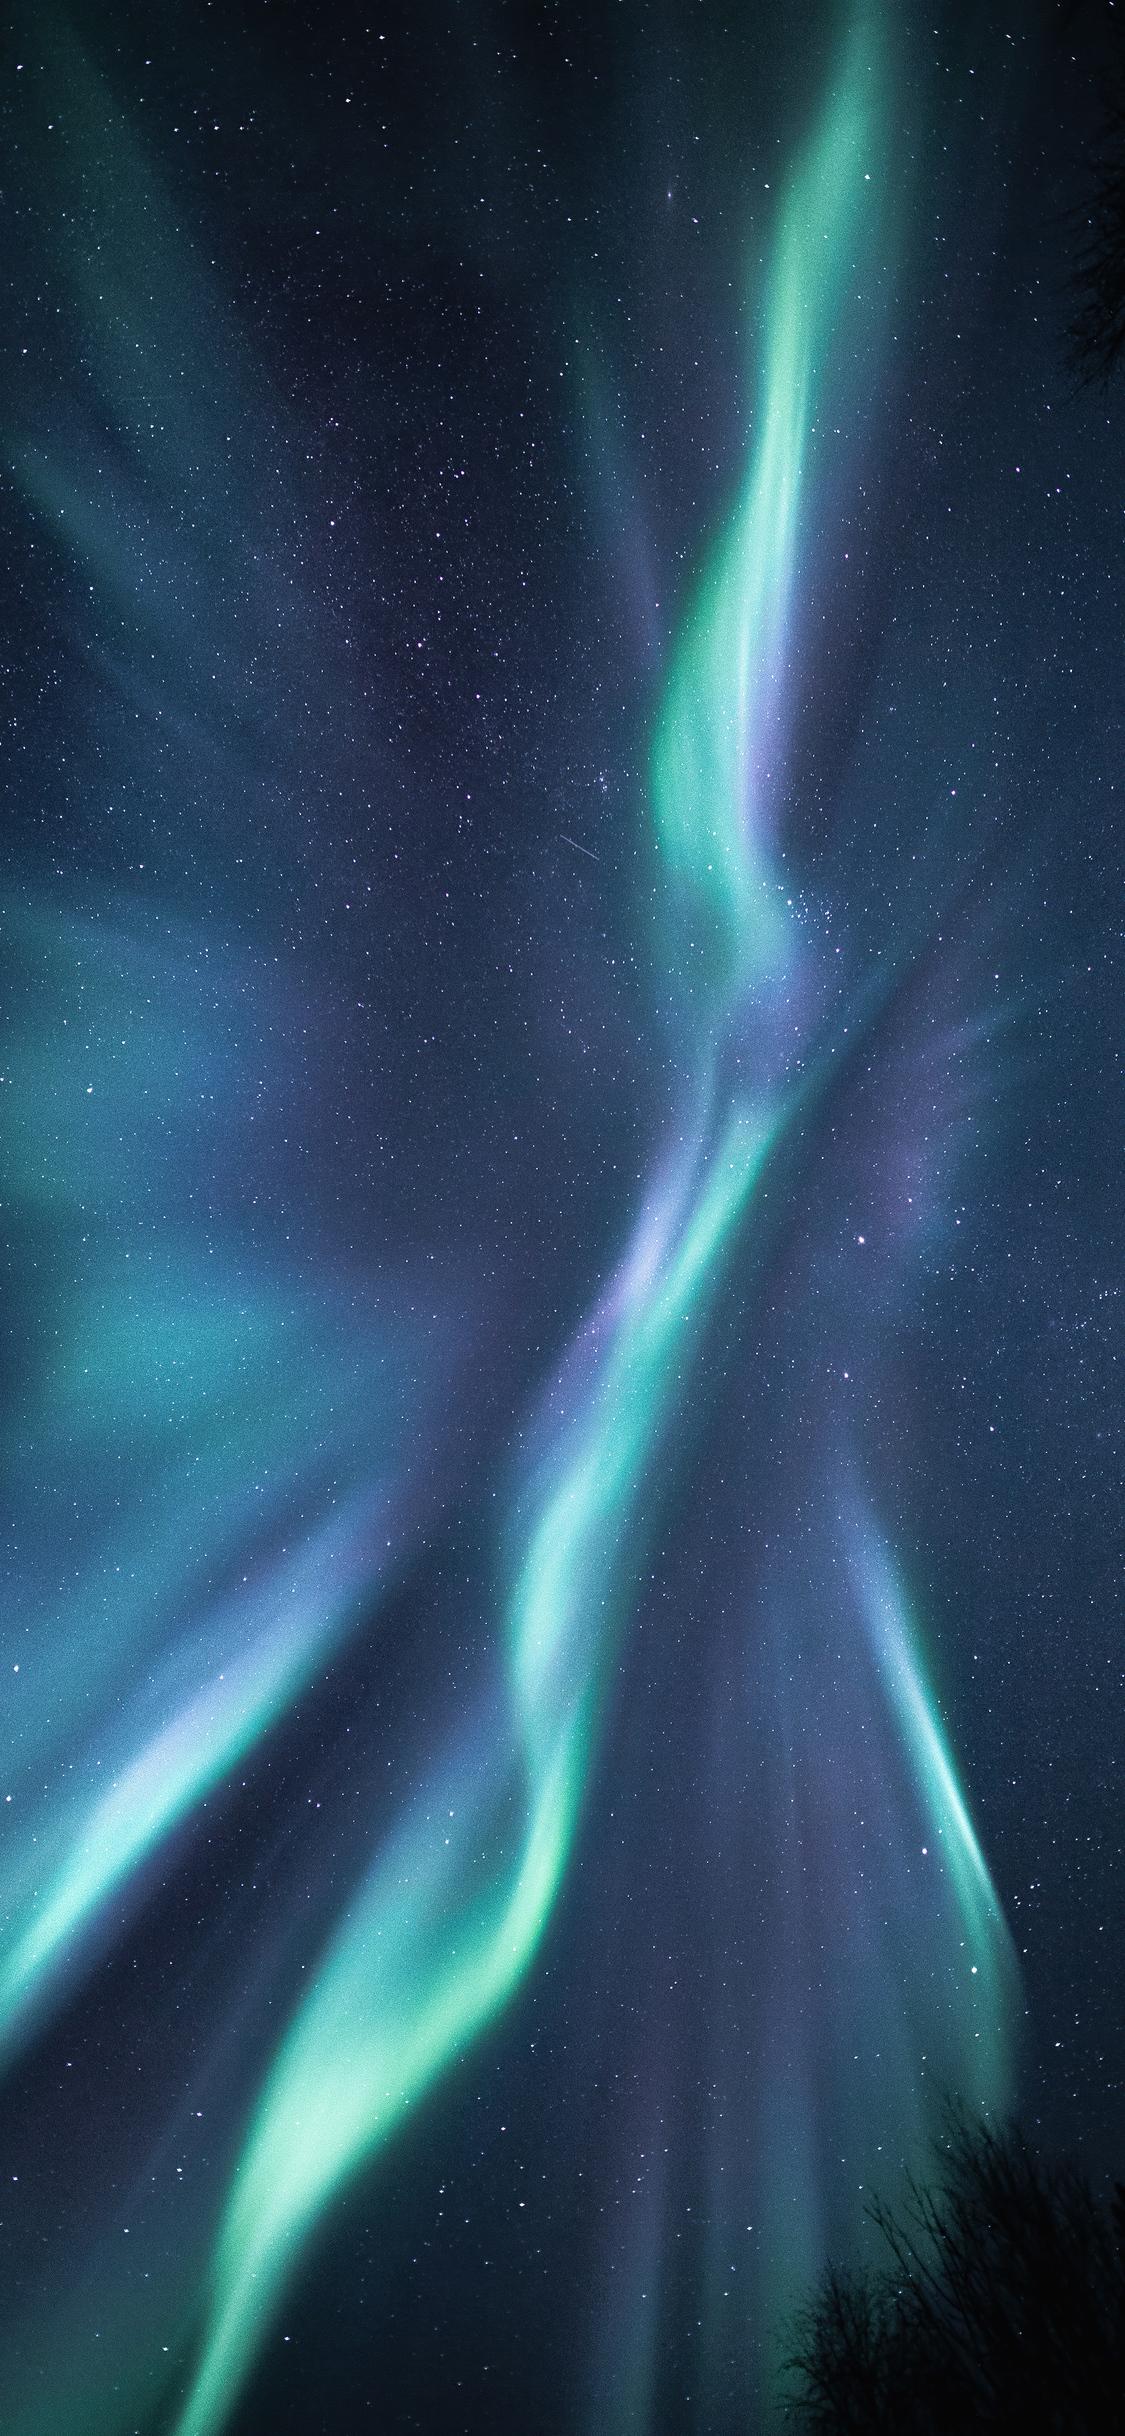 blue-and-white-lights-of-sky-5k-gl.jpg